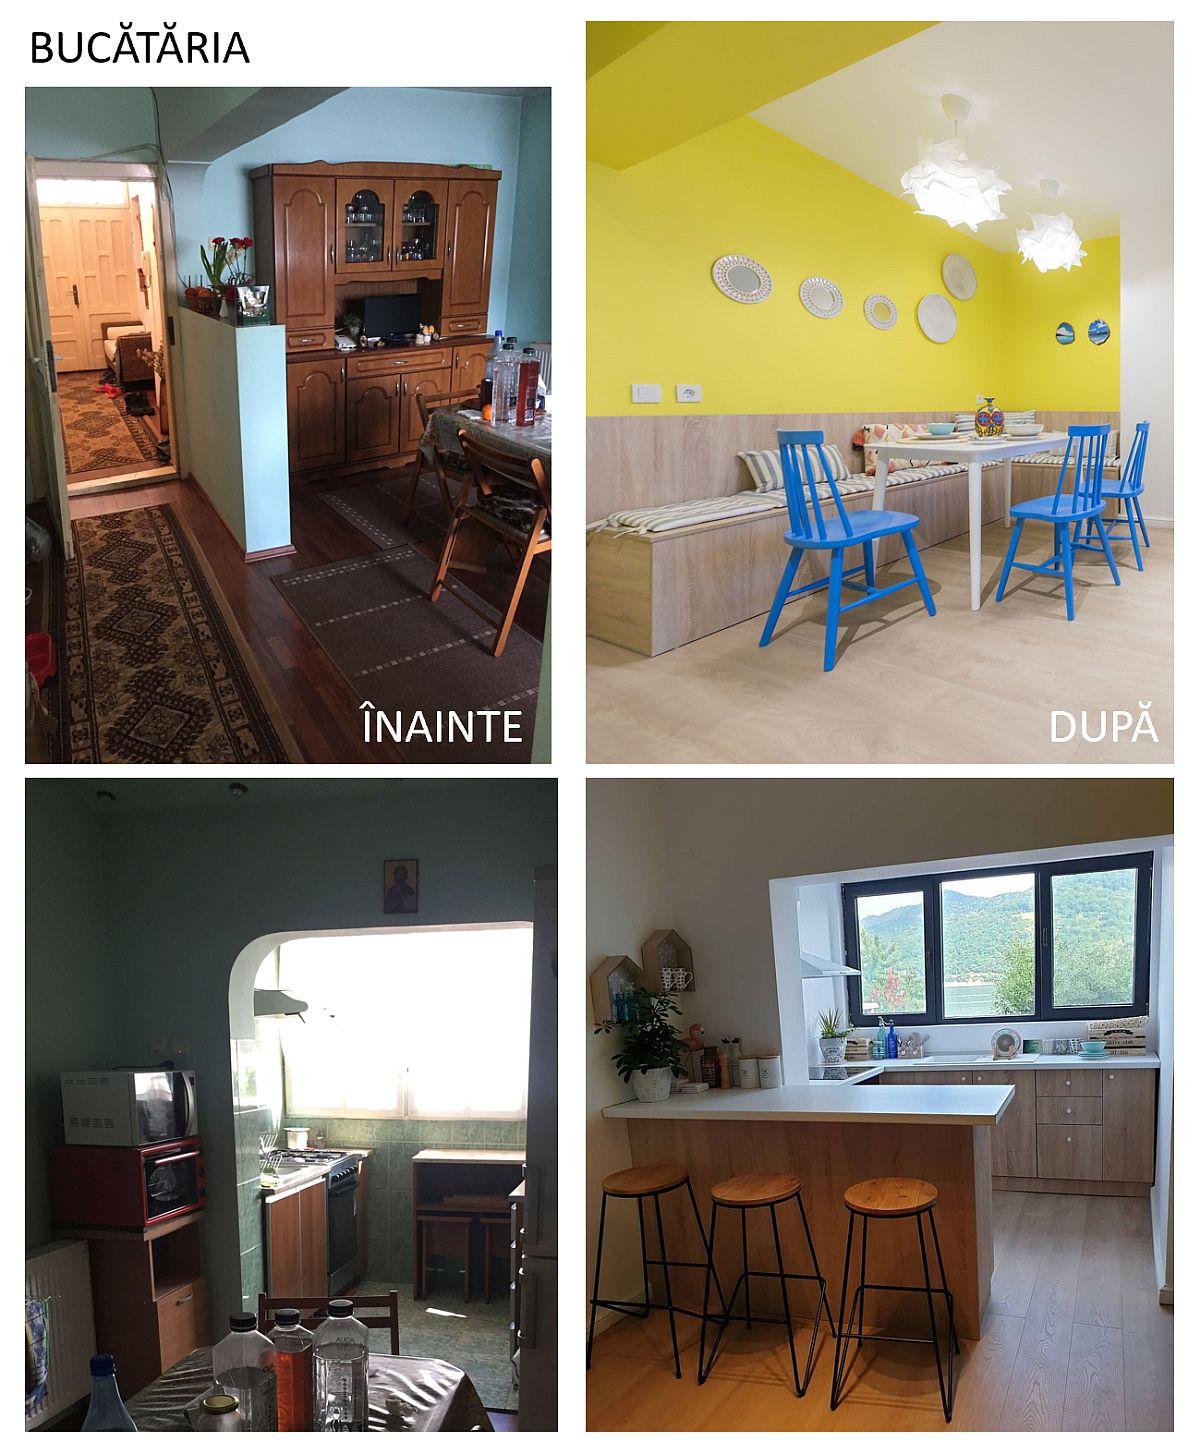 Destinația de bucătărie a fost păstrată, dar totul regândit pentru mai multe locuri de ședere, o bucătărie mai aerisită cu masă de tip bar și mai luminoasă prin debarasare zidurilor parțiale și ale arcadelor, plus o nuanță intensă de galben solar.